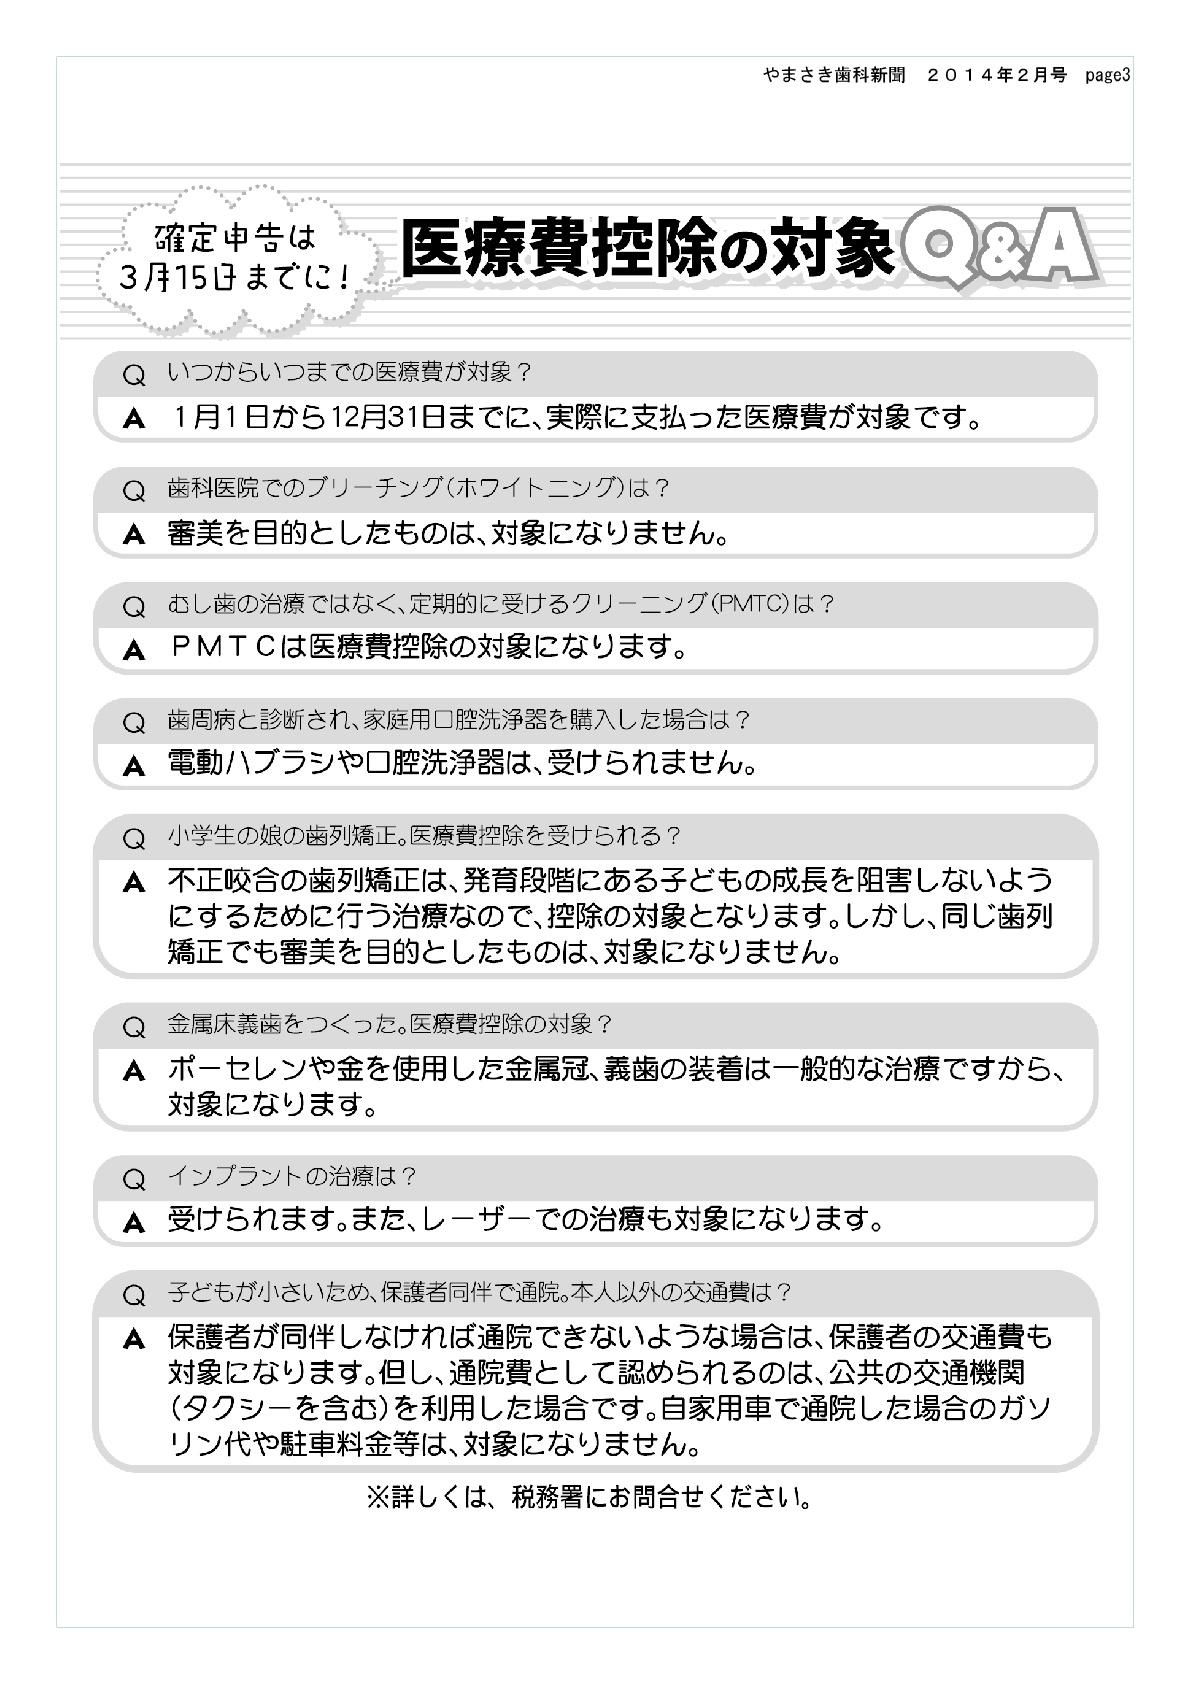 sinbun14-2-page234-002